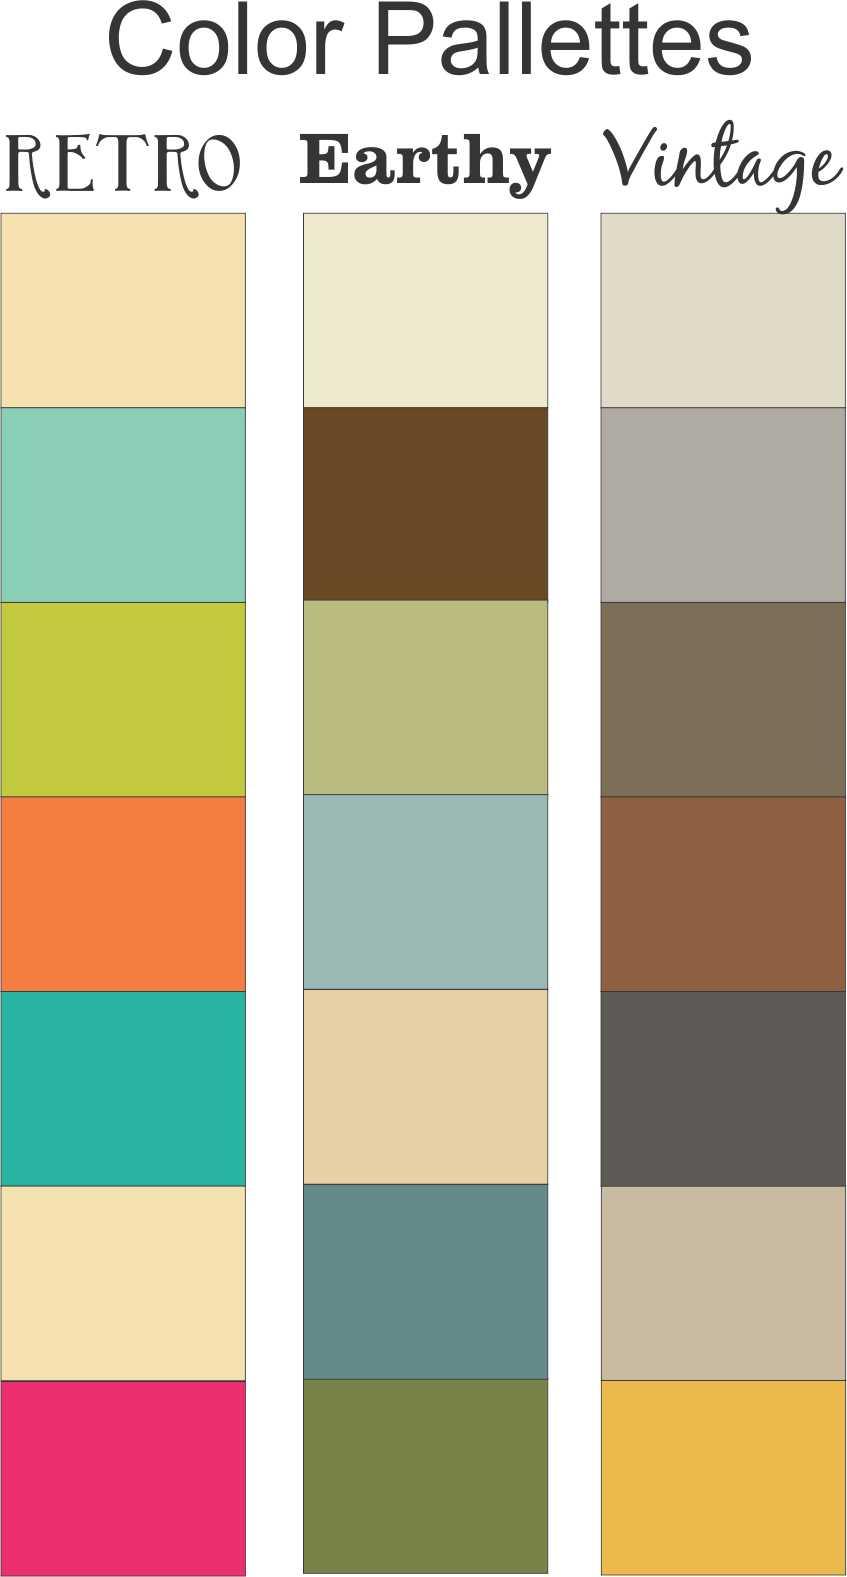 Color Palette 1_14.jpg